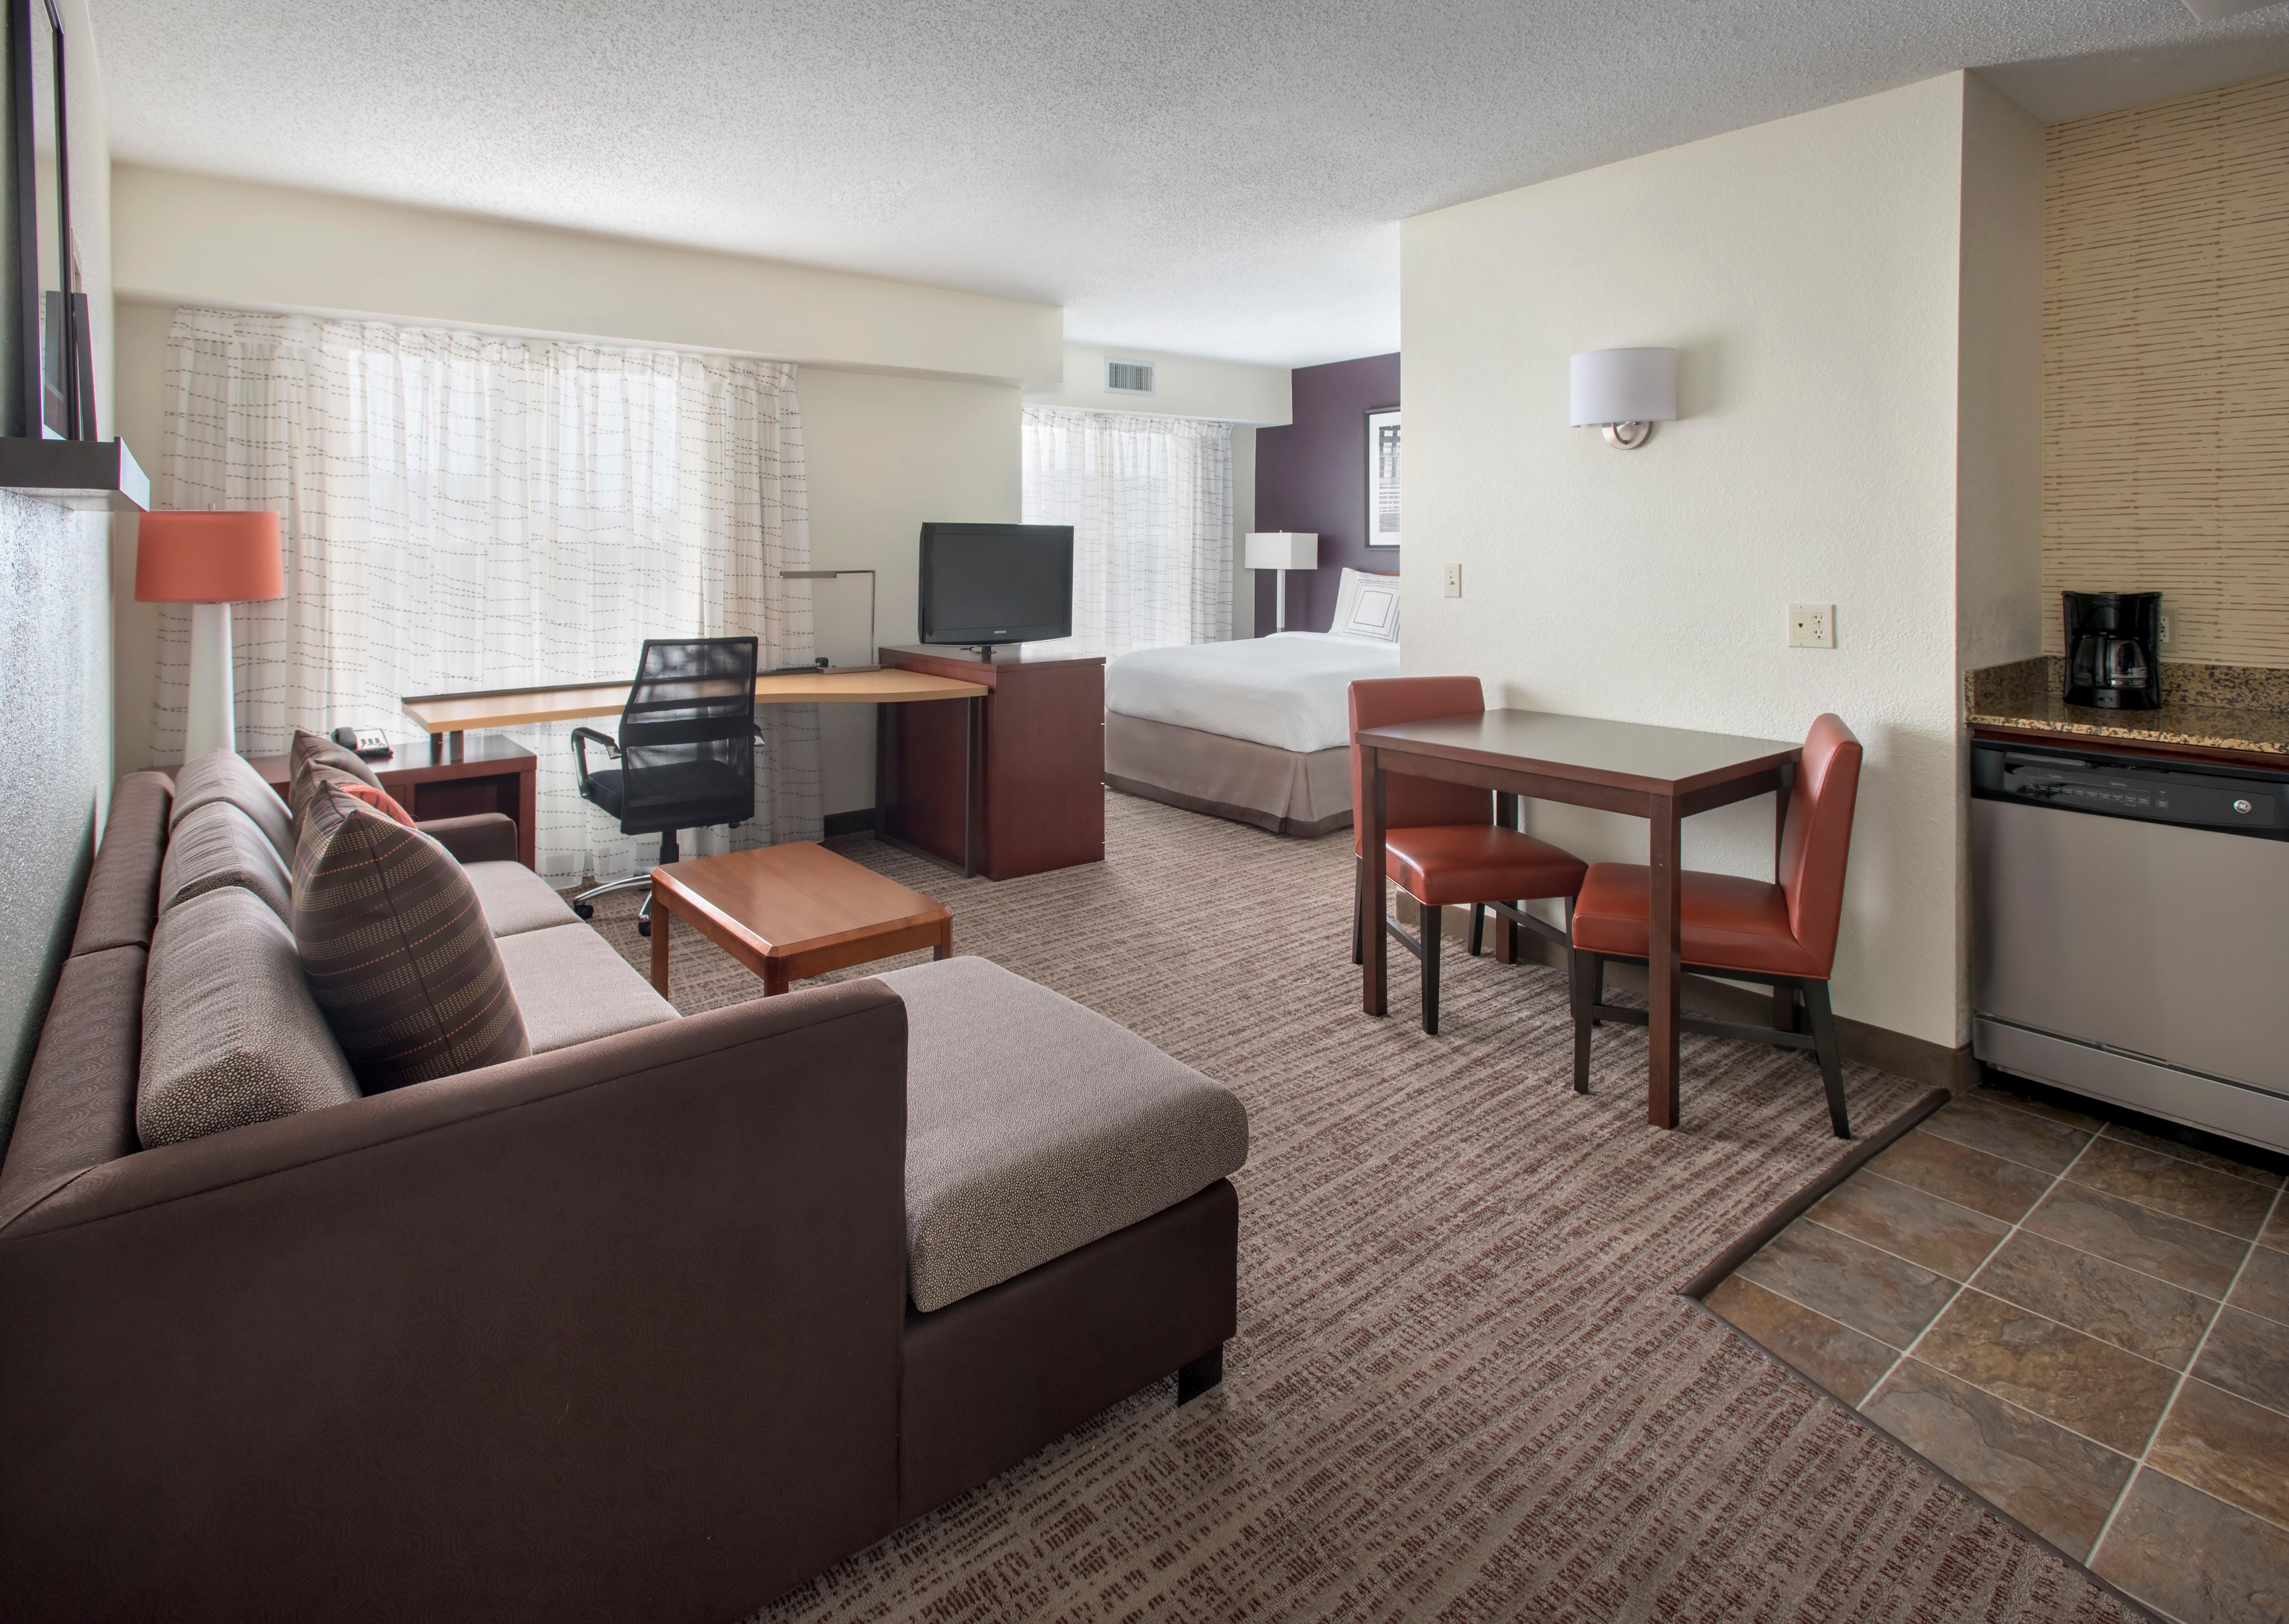 Residence Inn by Marriott Somerset image 2